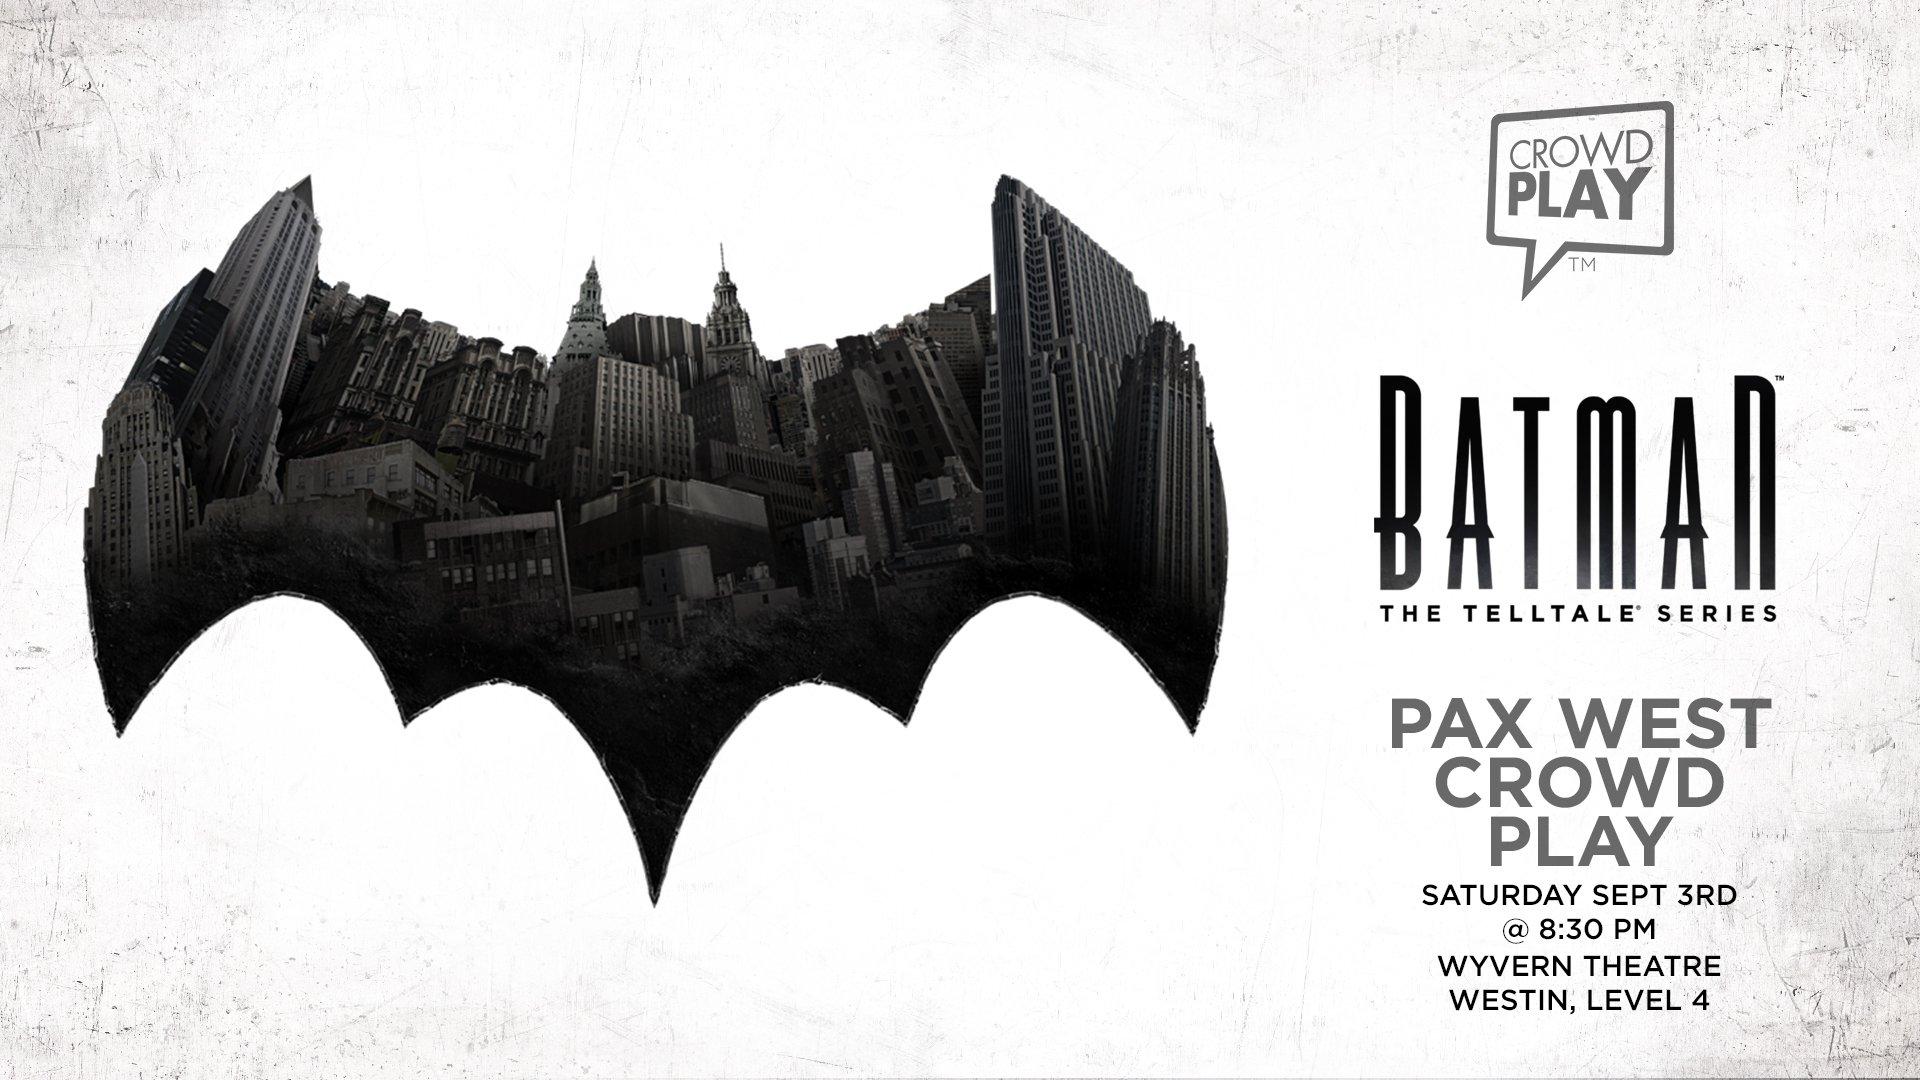 Batman_PAX_CrowdPlay_1920x1080